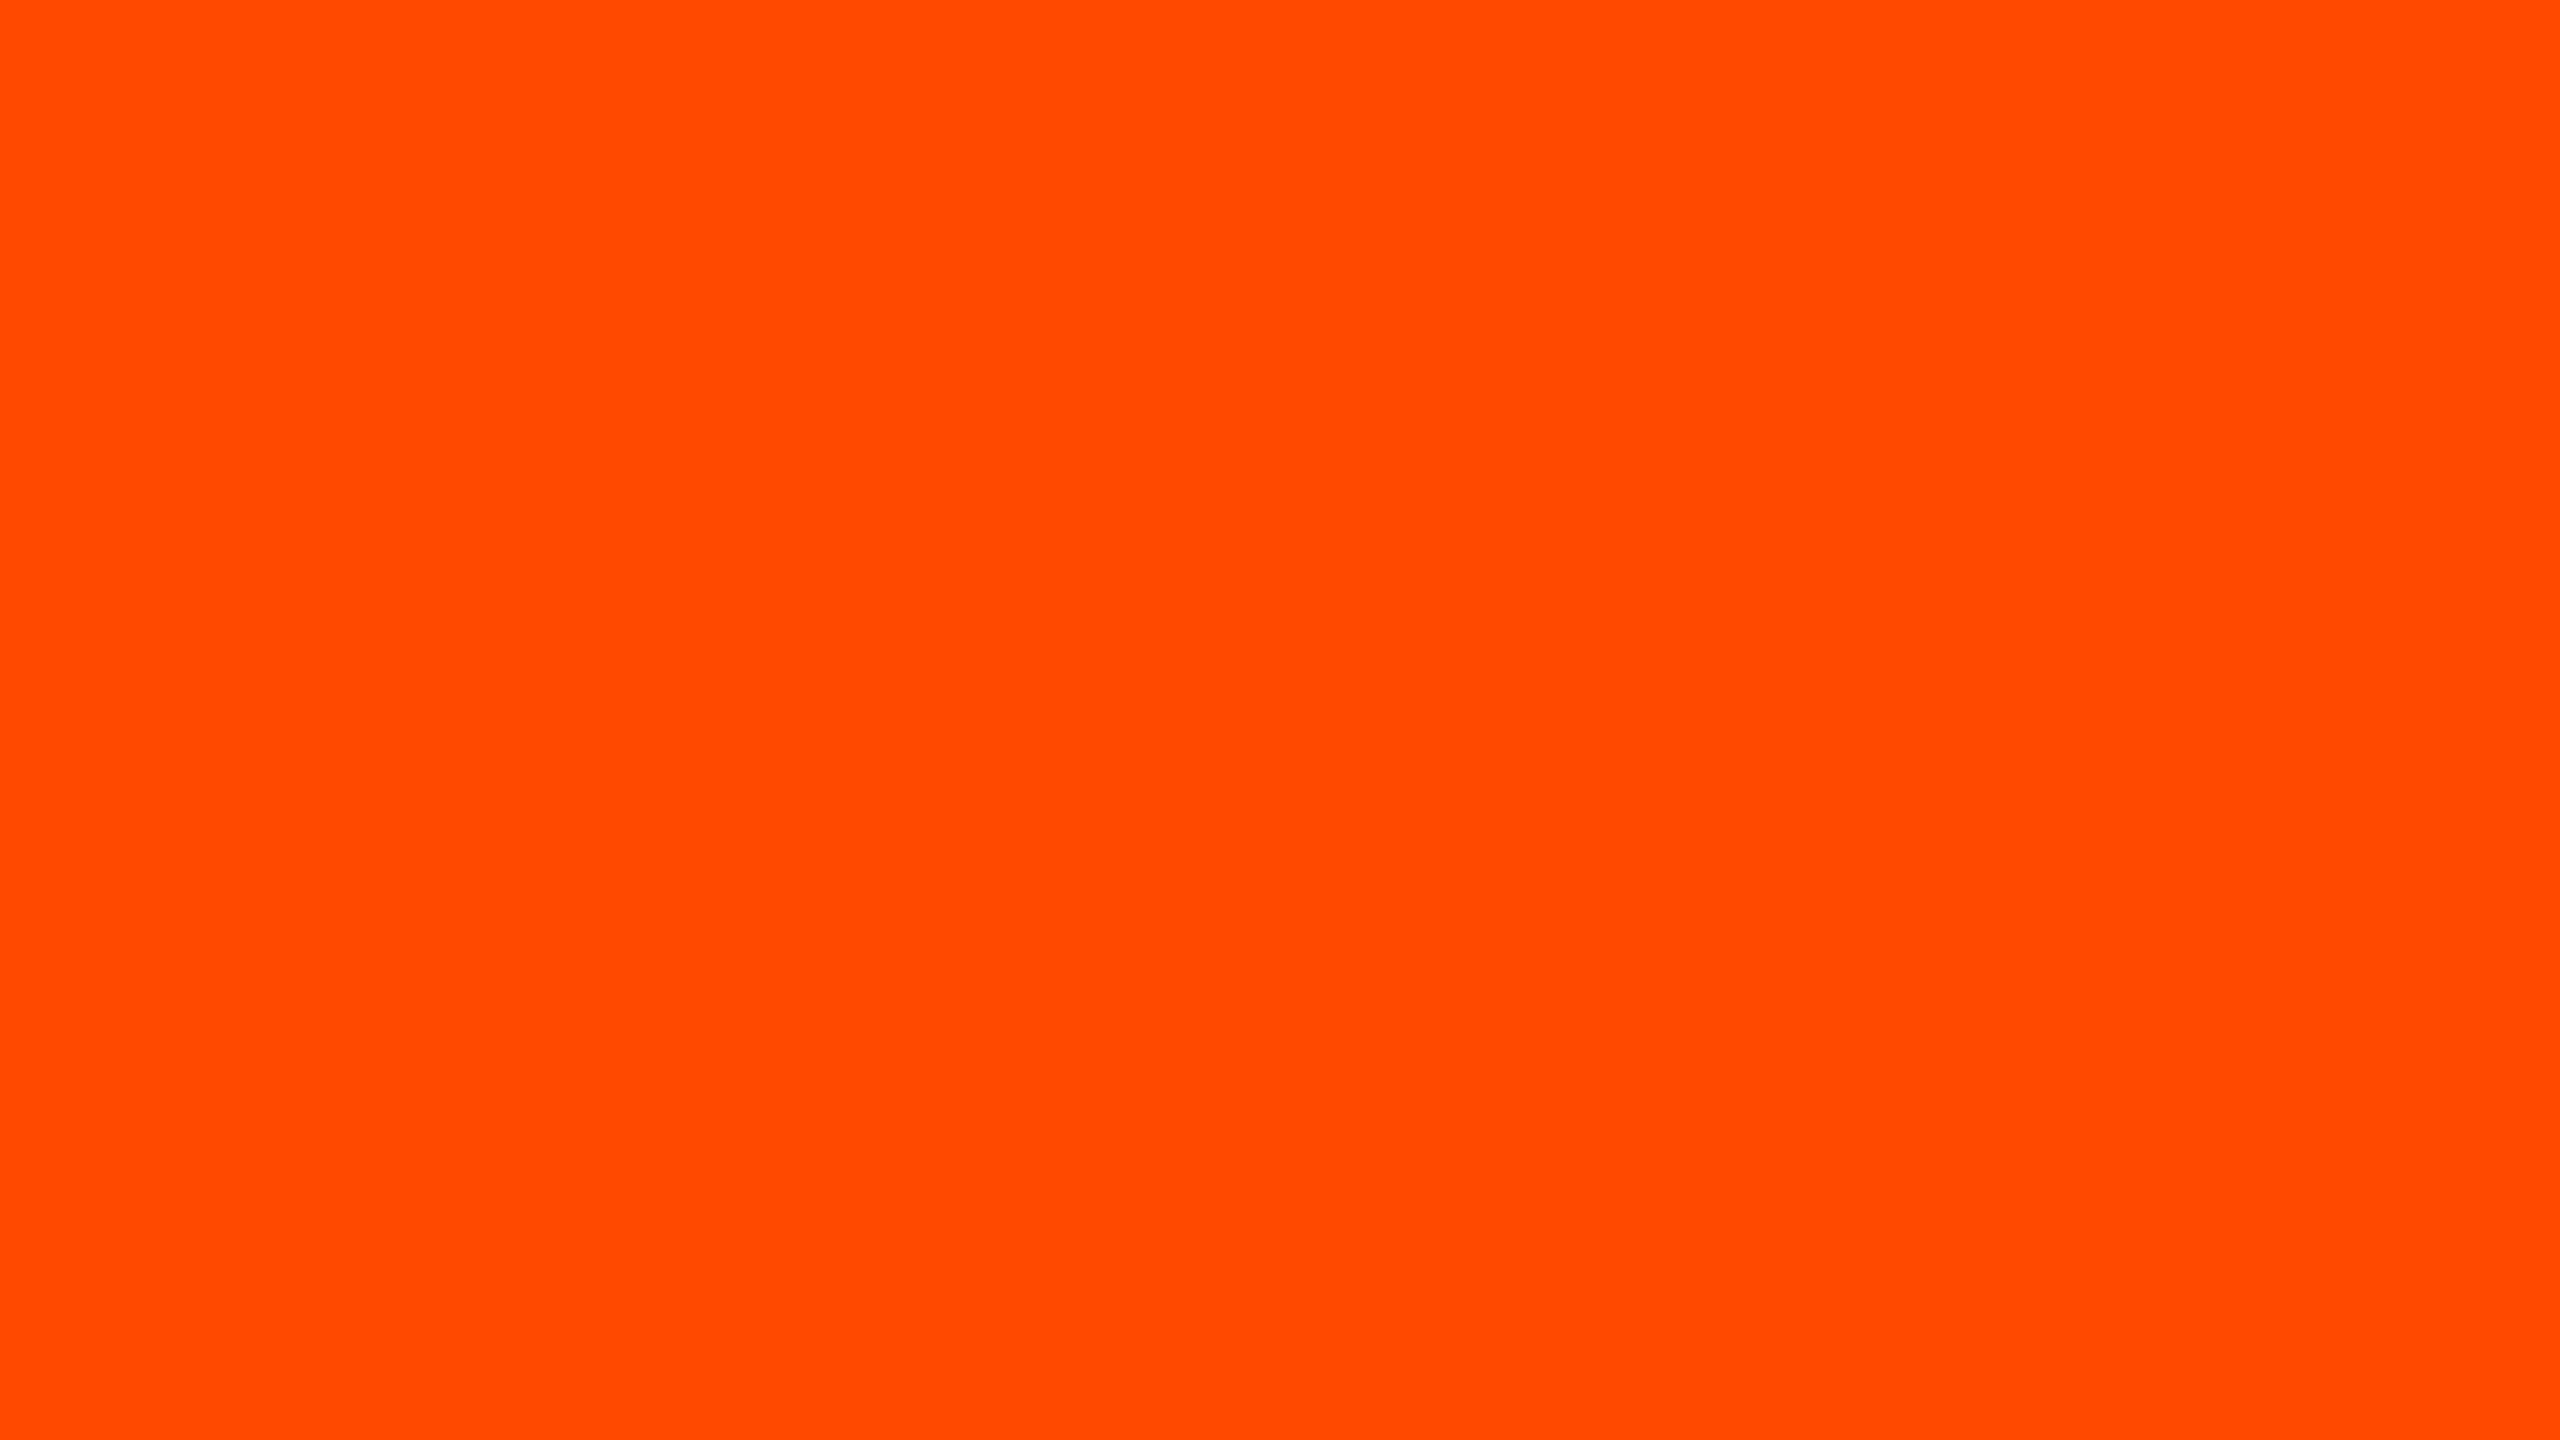 Dark Orange Desktop Wallpaper 2560x1440